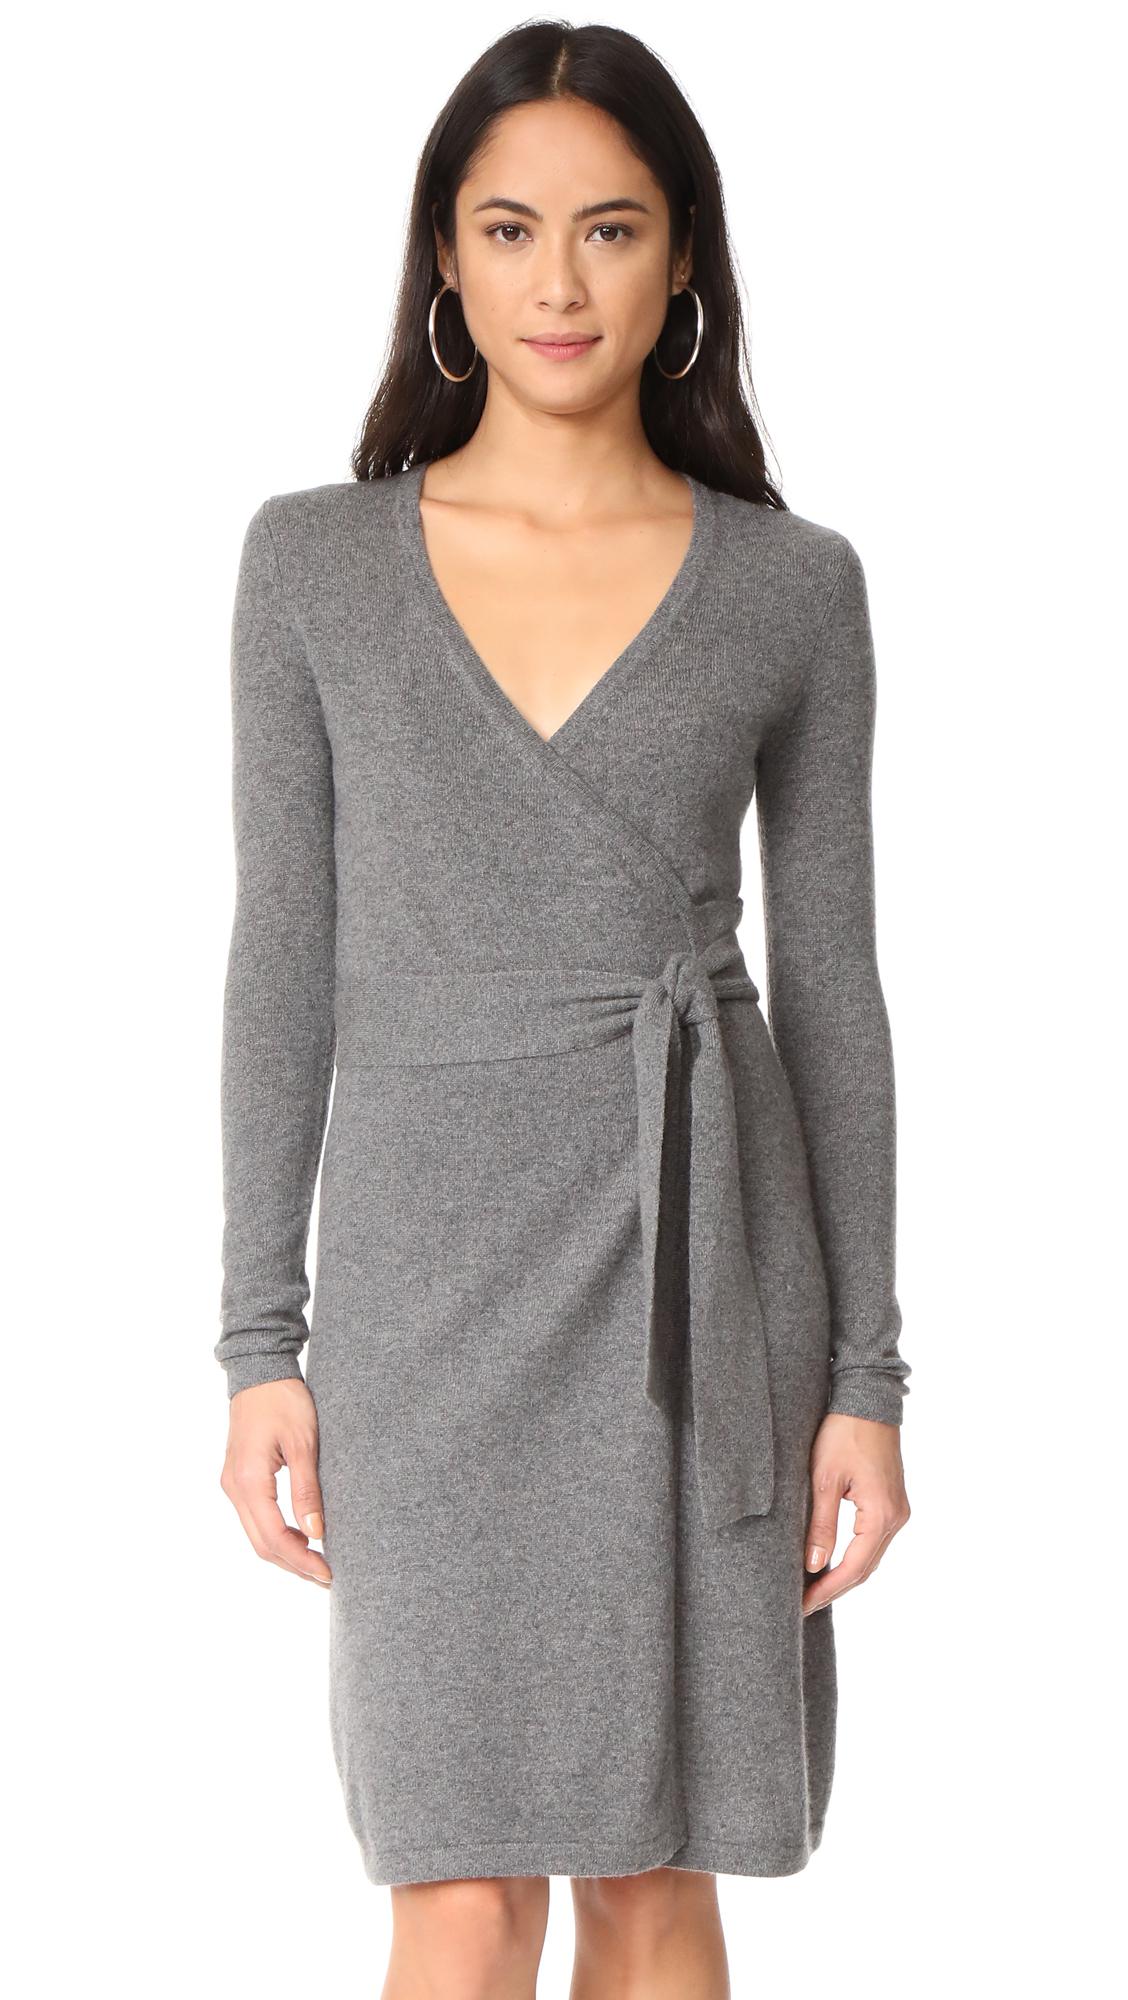 Diane von Furstenberg New Linda Cashmere Wrap Dress - Grey Melange